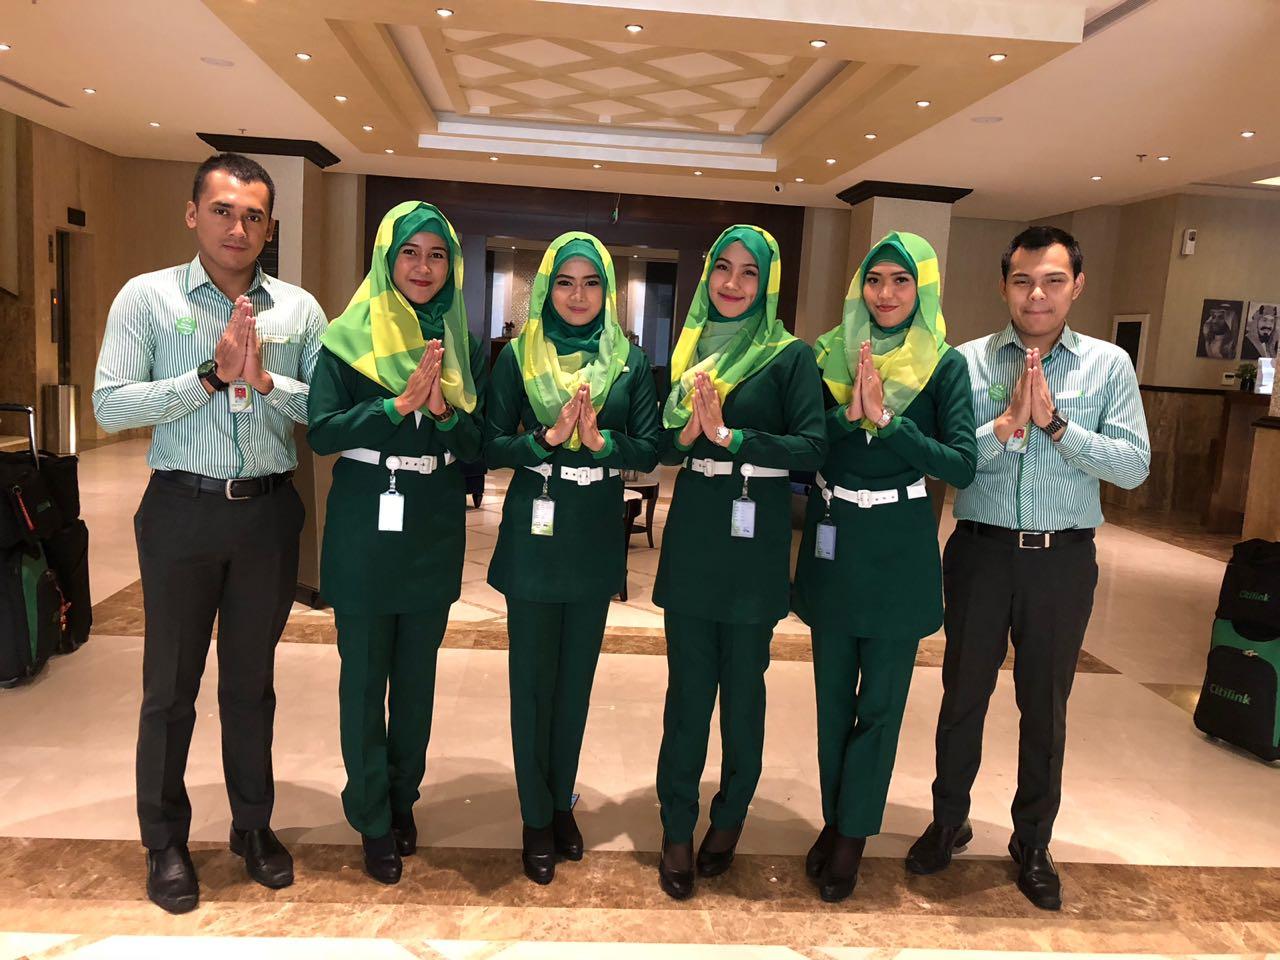 Tiara (No. 2 dari kanan) Alumni PAS yg sukses berkarier sebagai Pramugari Citilink,anak perusahaan maskapai Garuda.